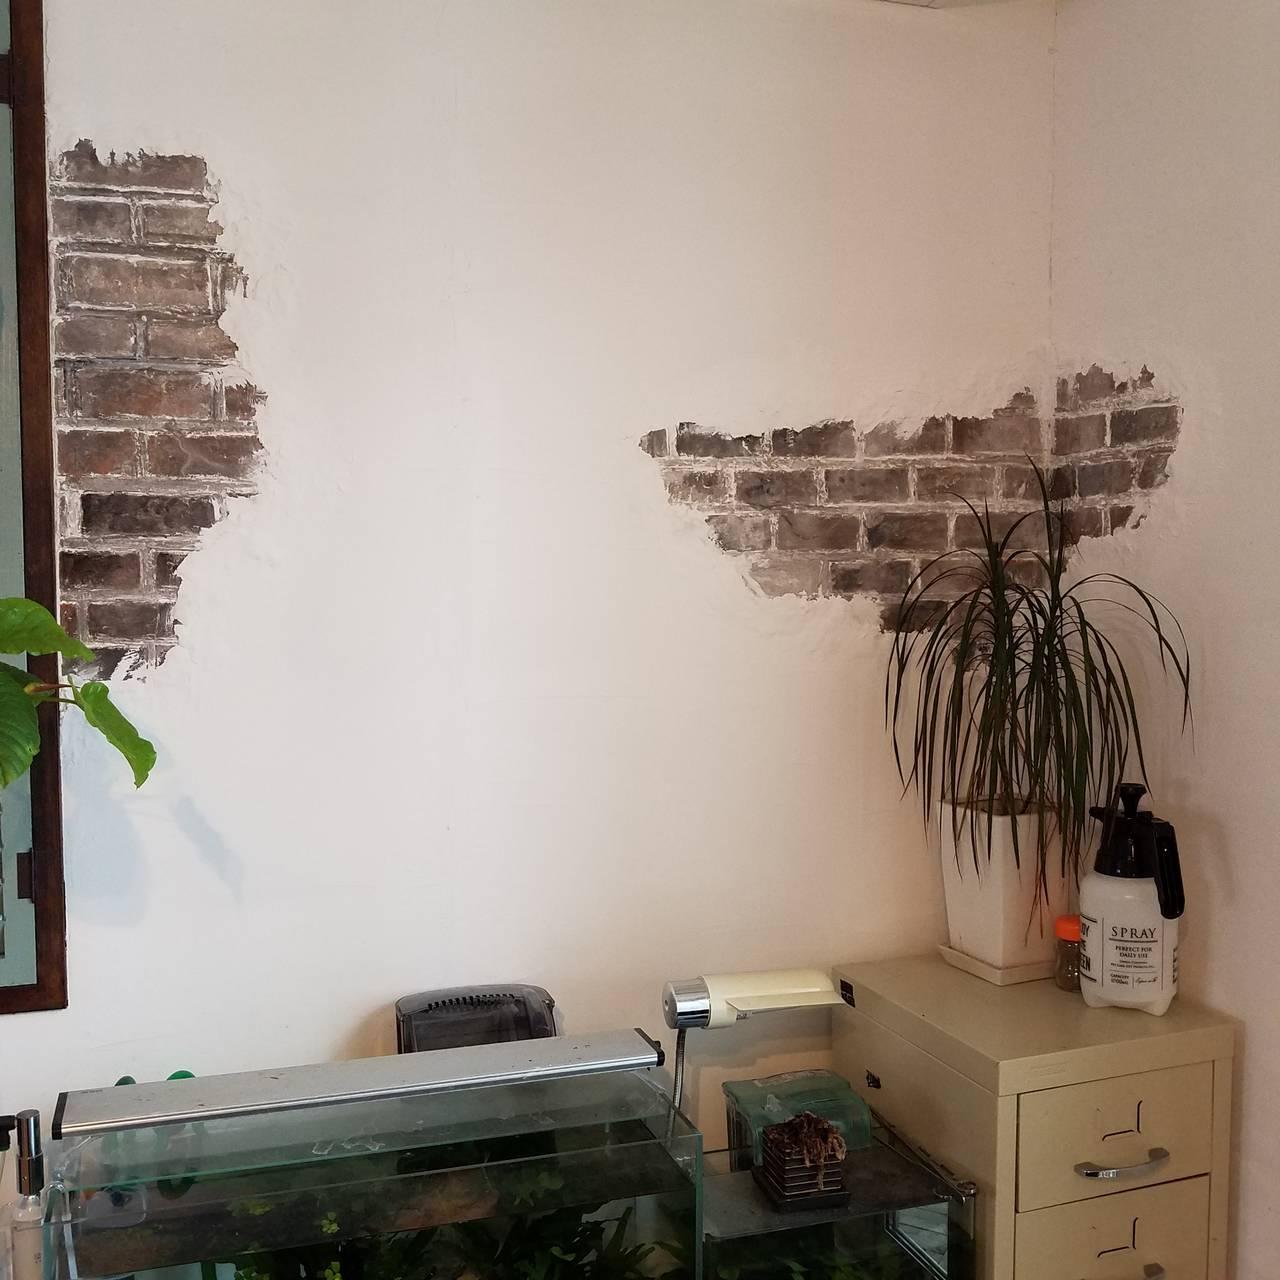 ずぼらな私にもできる!適当が味になるモルタル造形風漆喰壁の作り方と製作過程をご紹介!【連載#つくるジェニック】